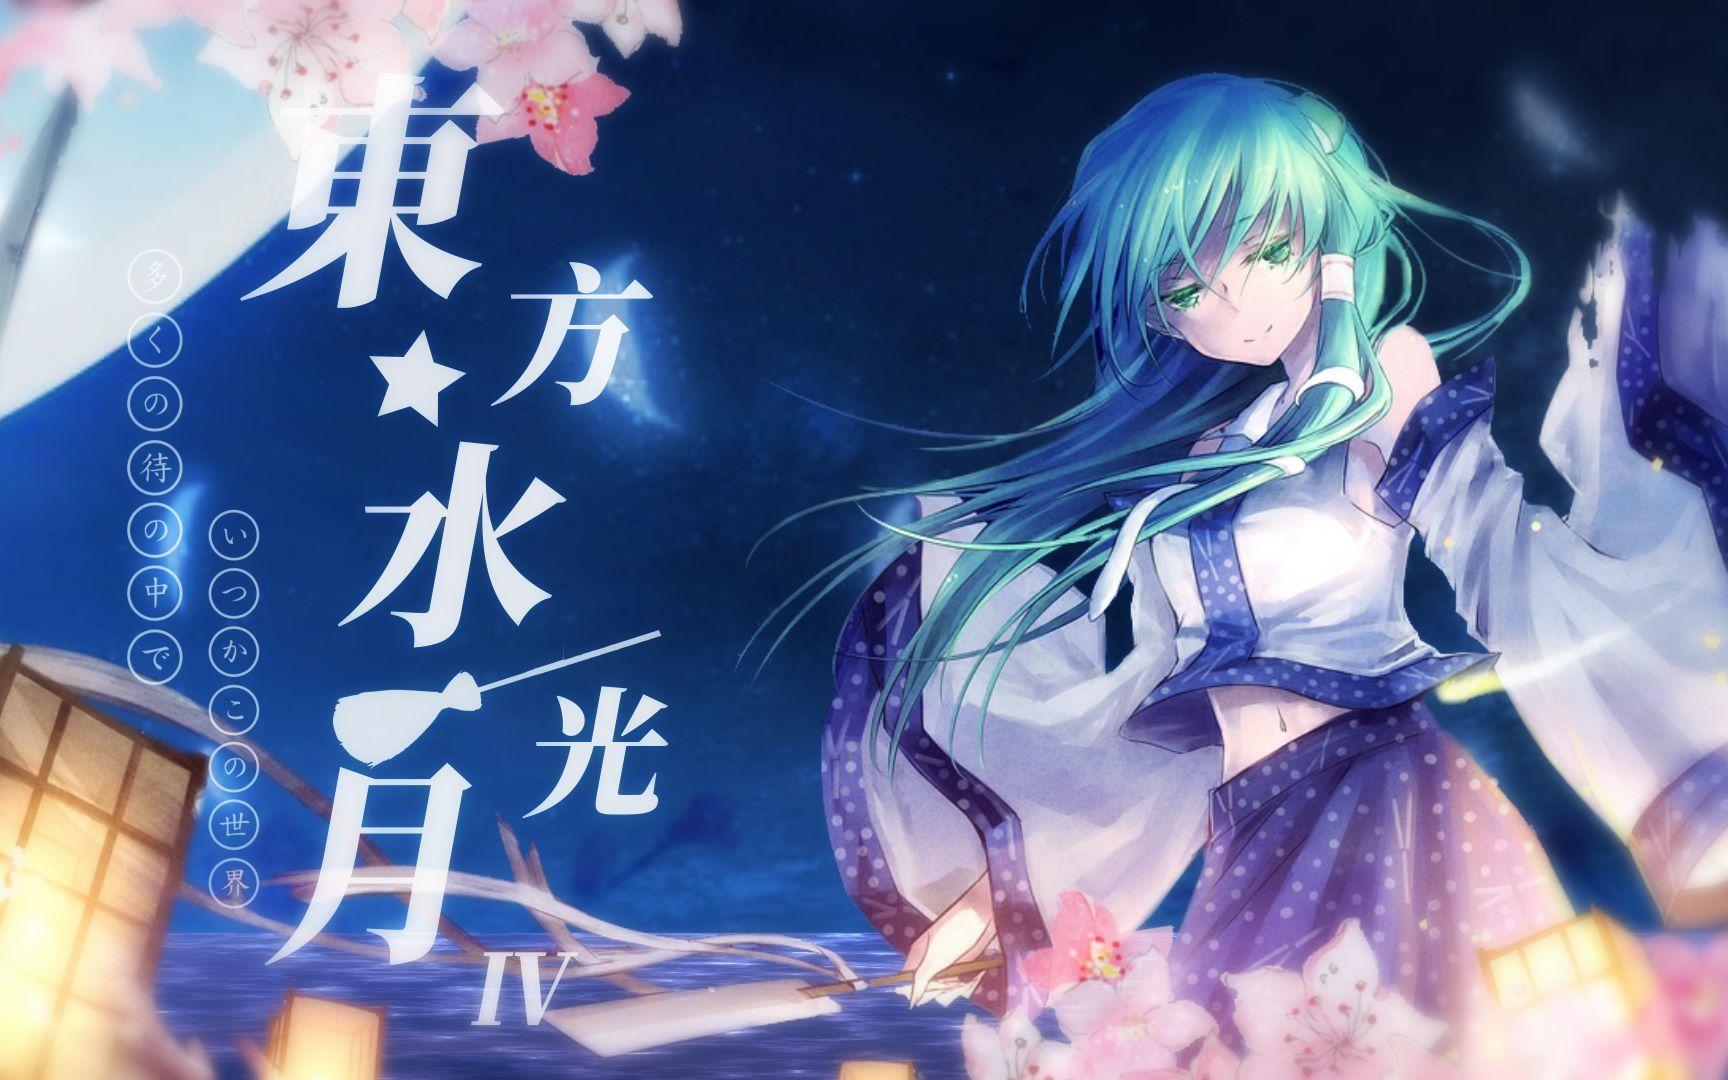 【东方静止系合作】东方水光月IV【2020华灯宴单品】